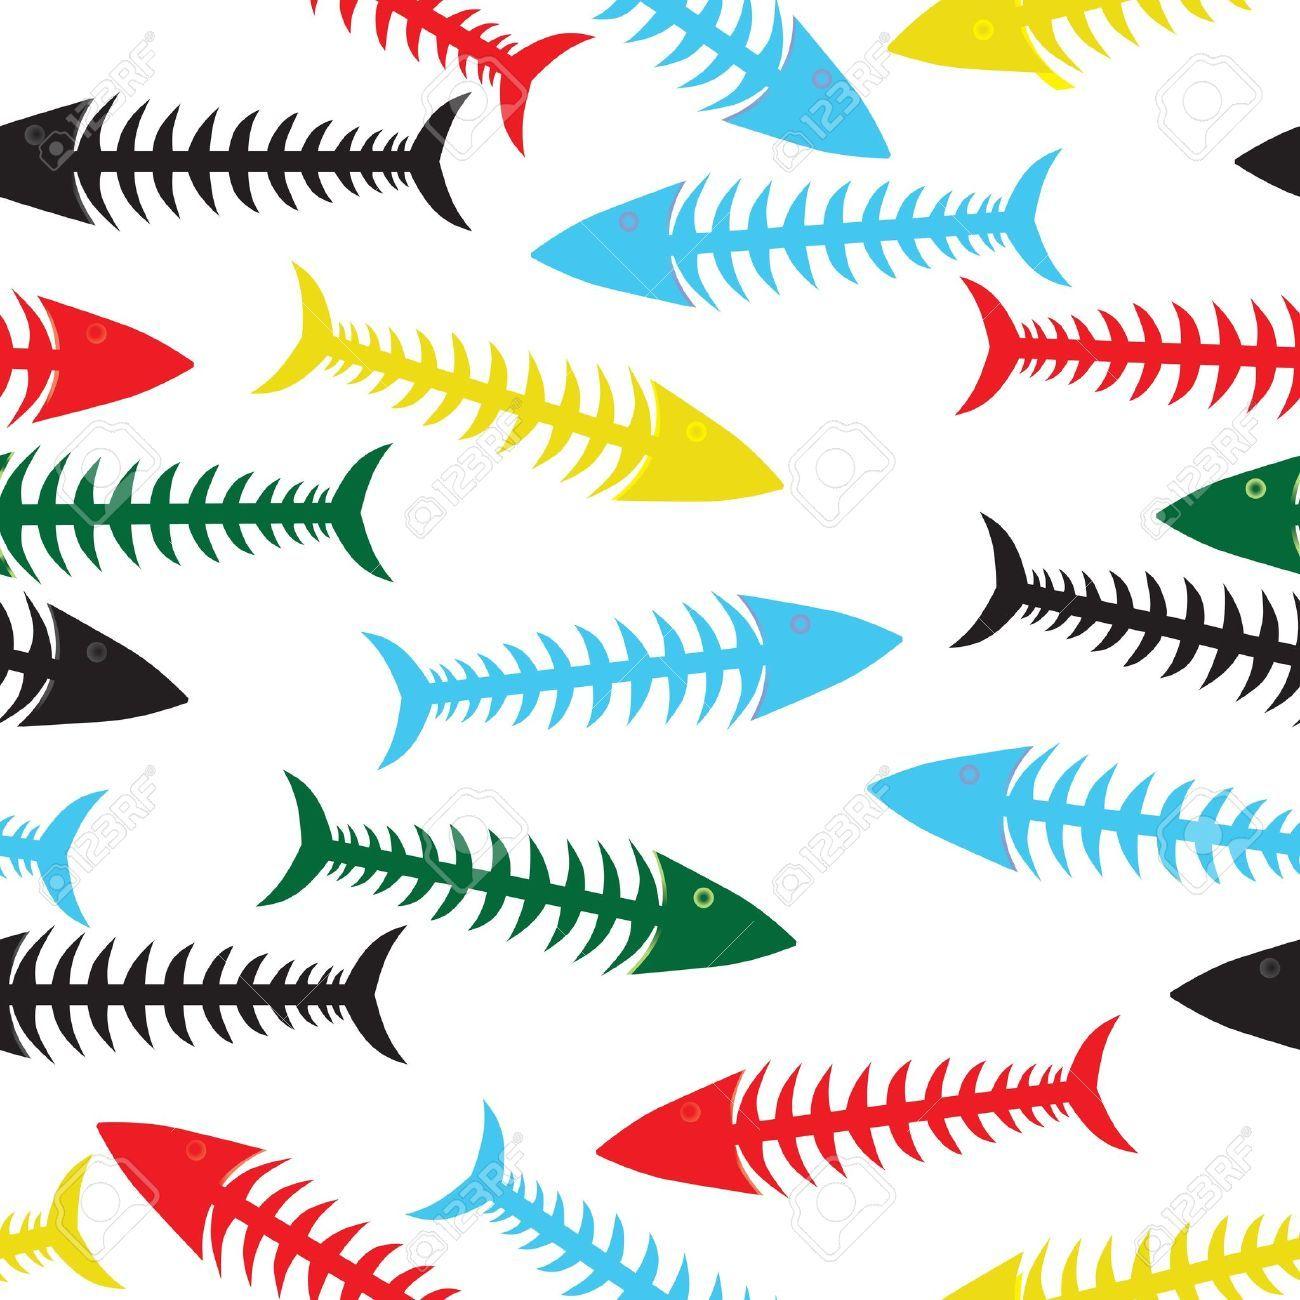 魚 おしゃれ イラスト | 7331 イラス